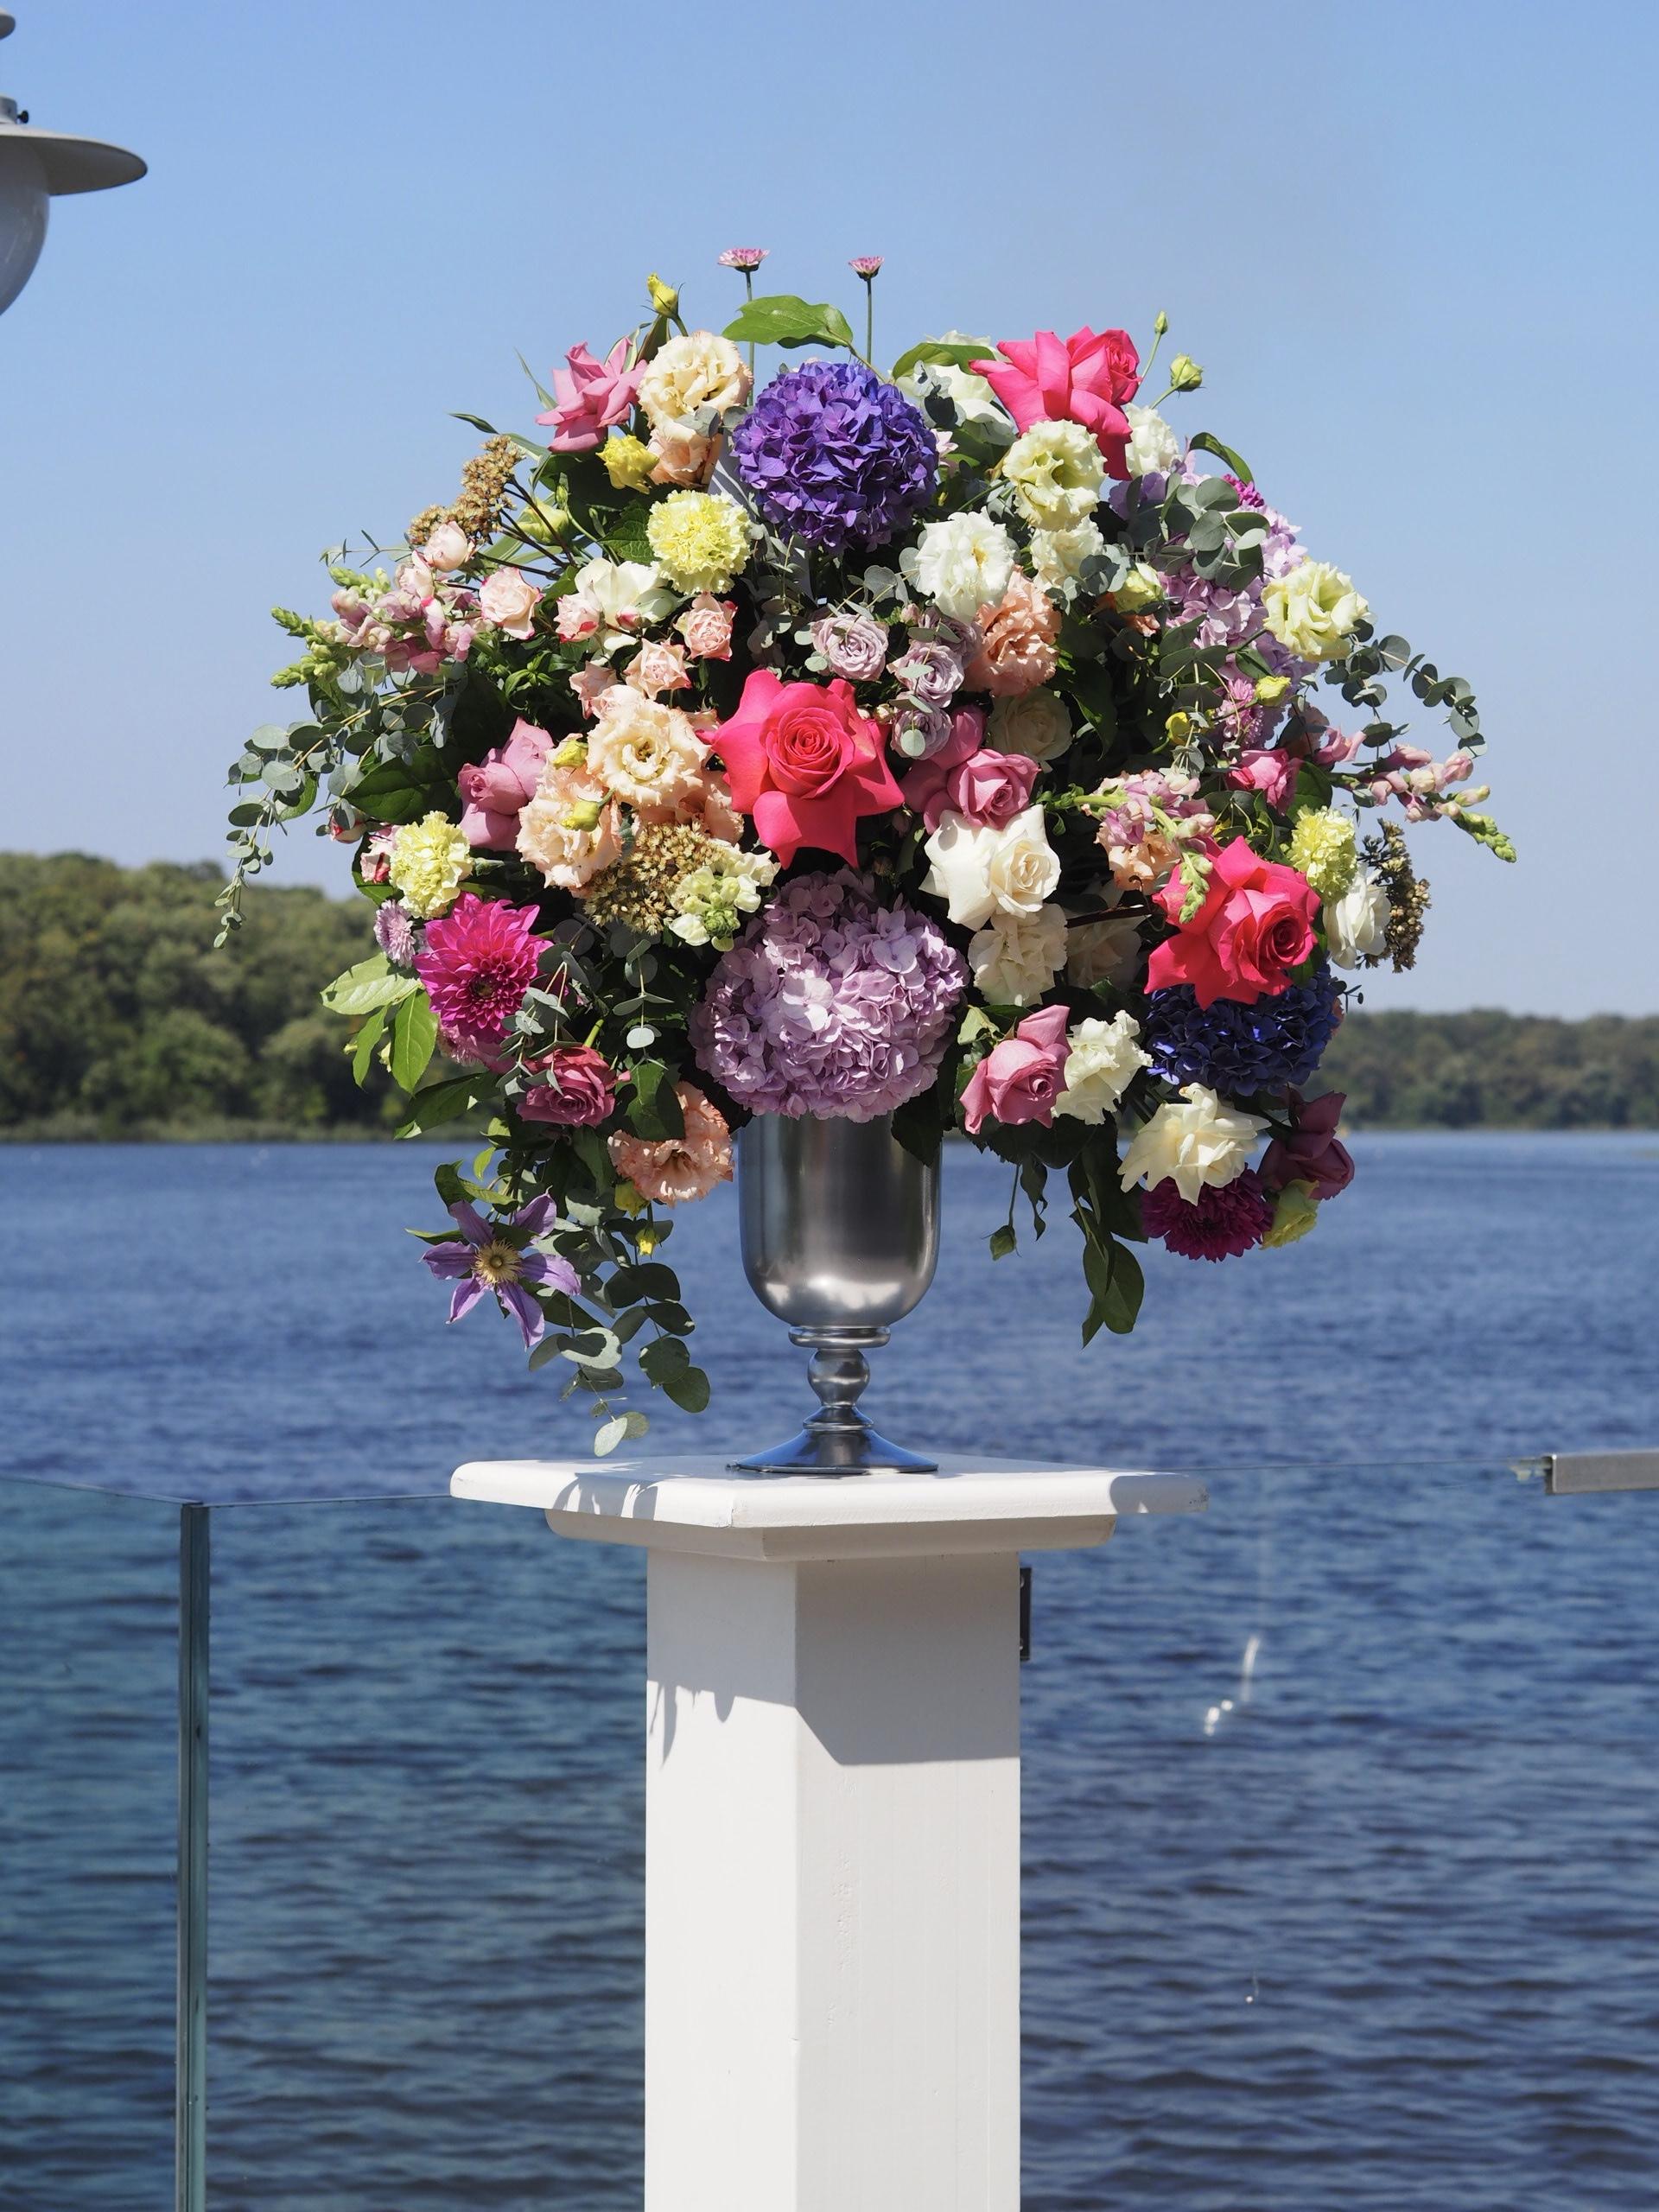 Aranjamente florale pe piedestaluri